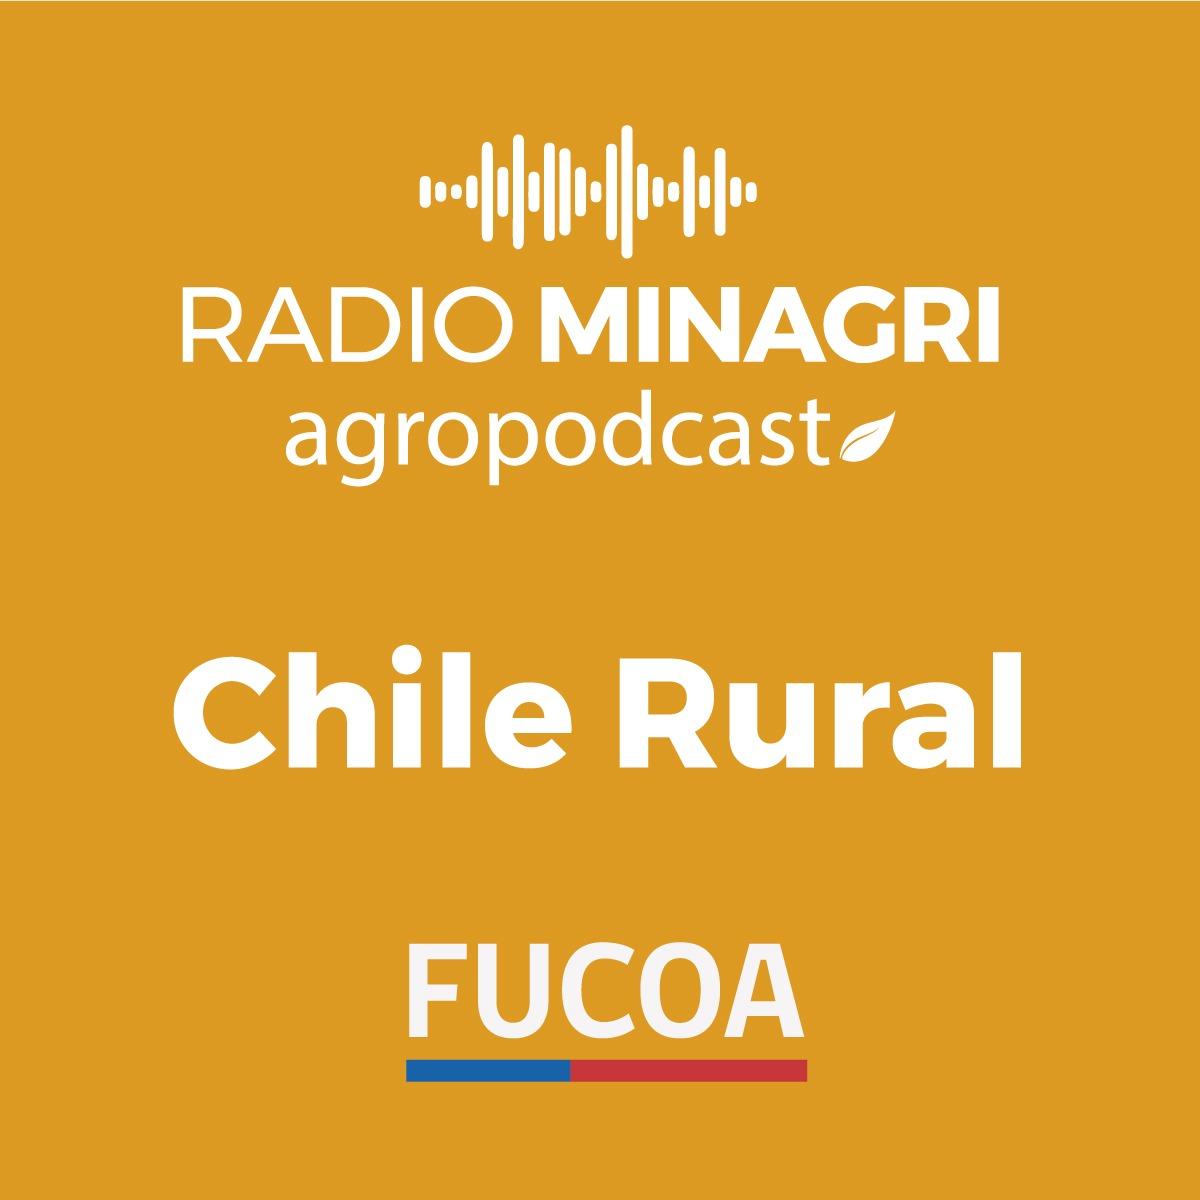 Chile Rural – Episodio 35: Minagri te apoya en la emergencia